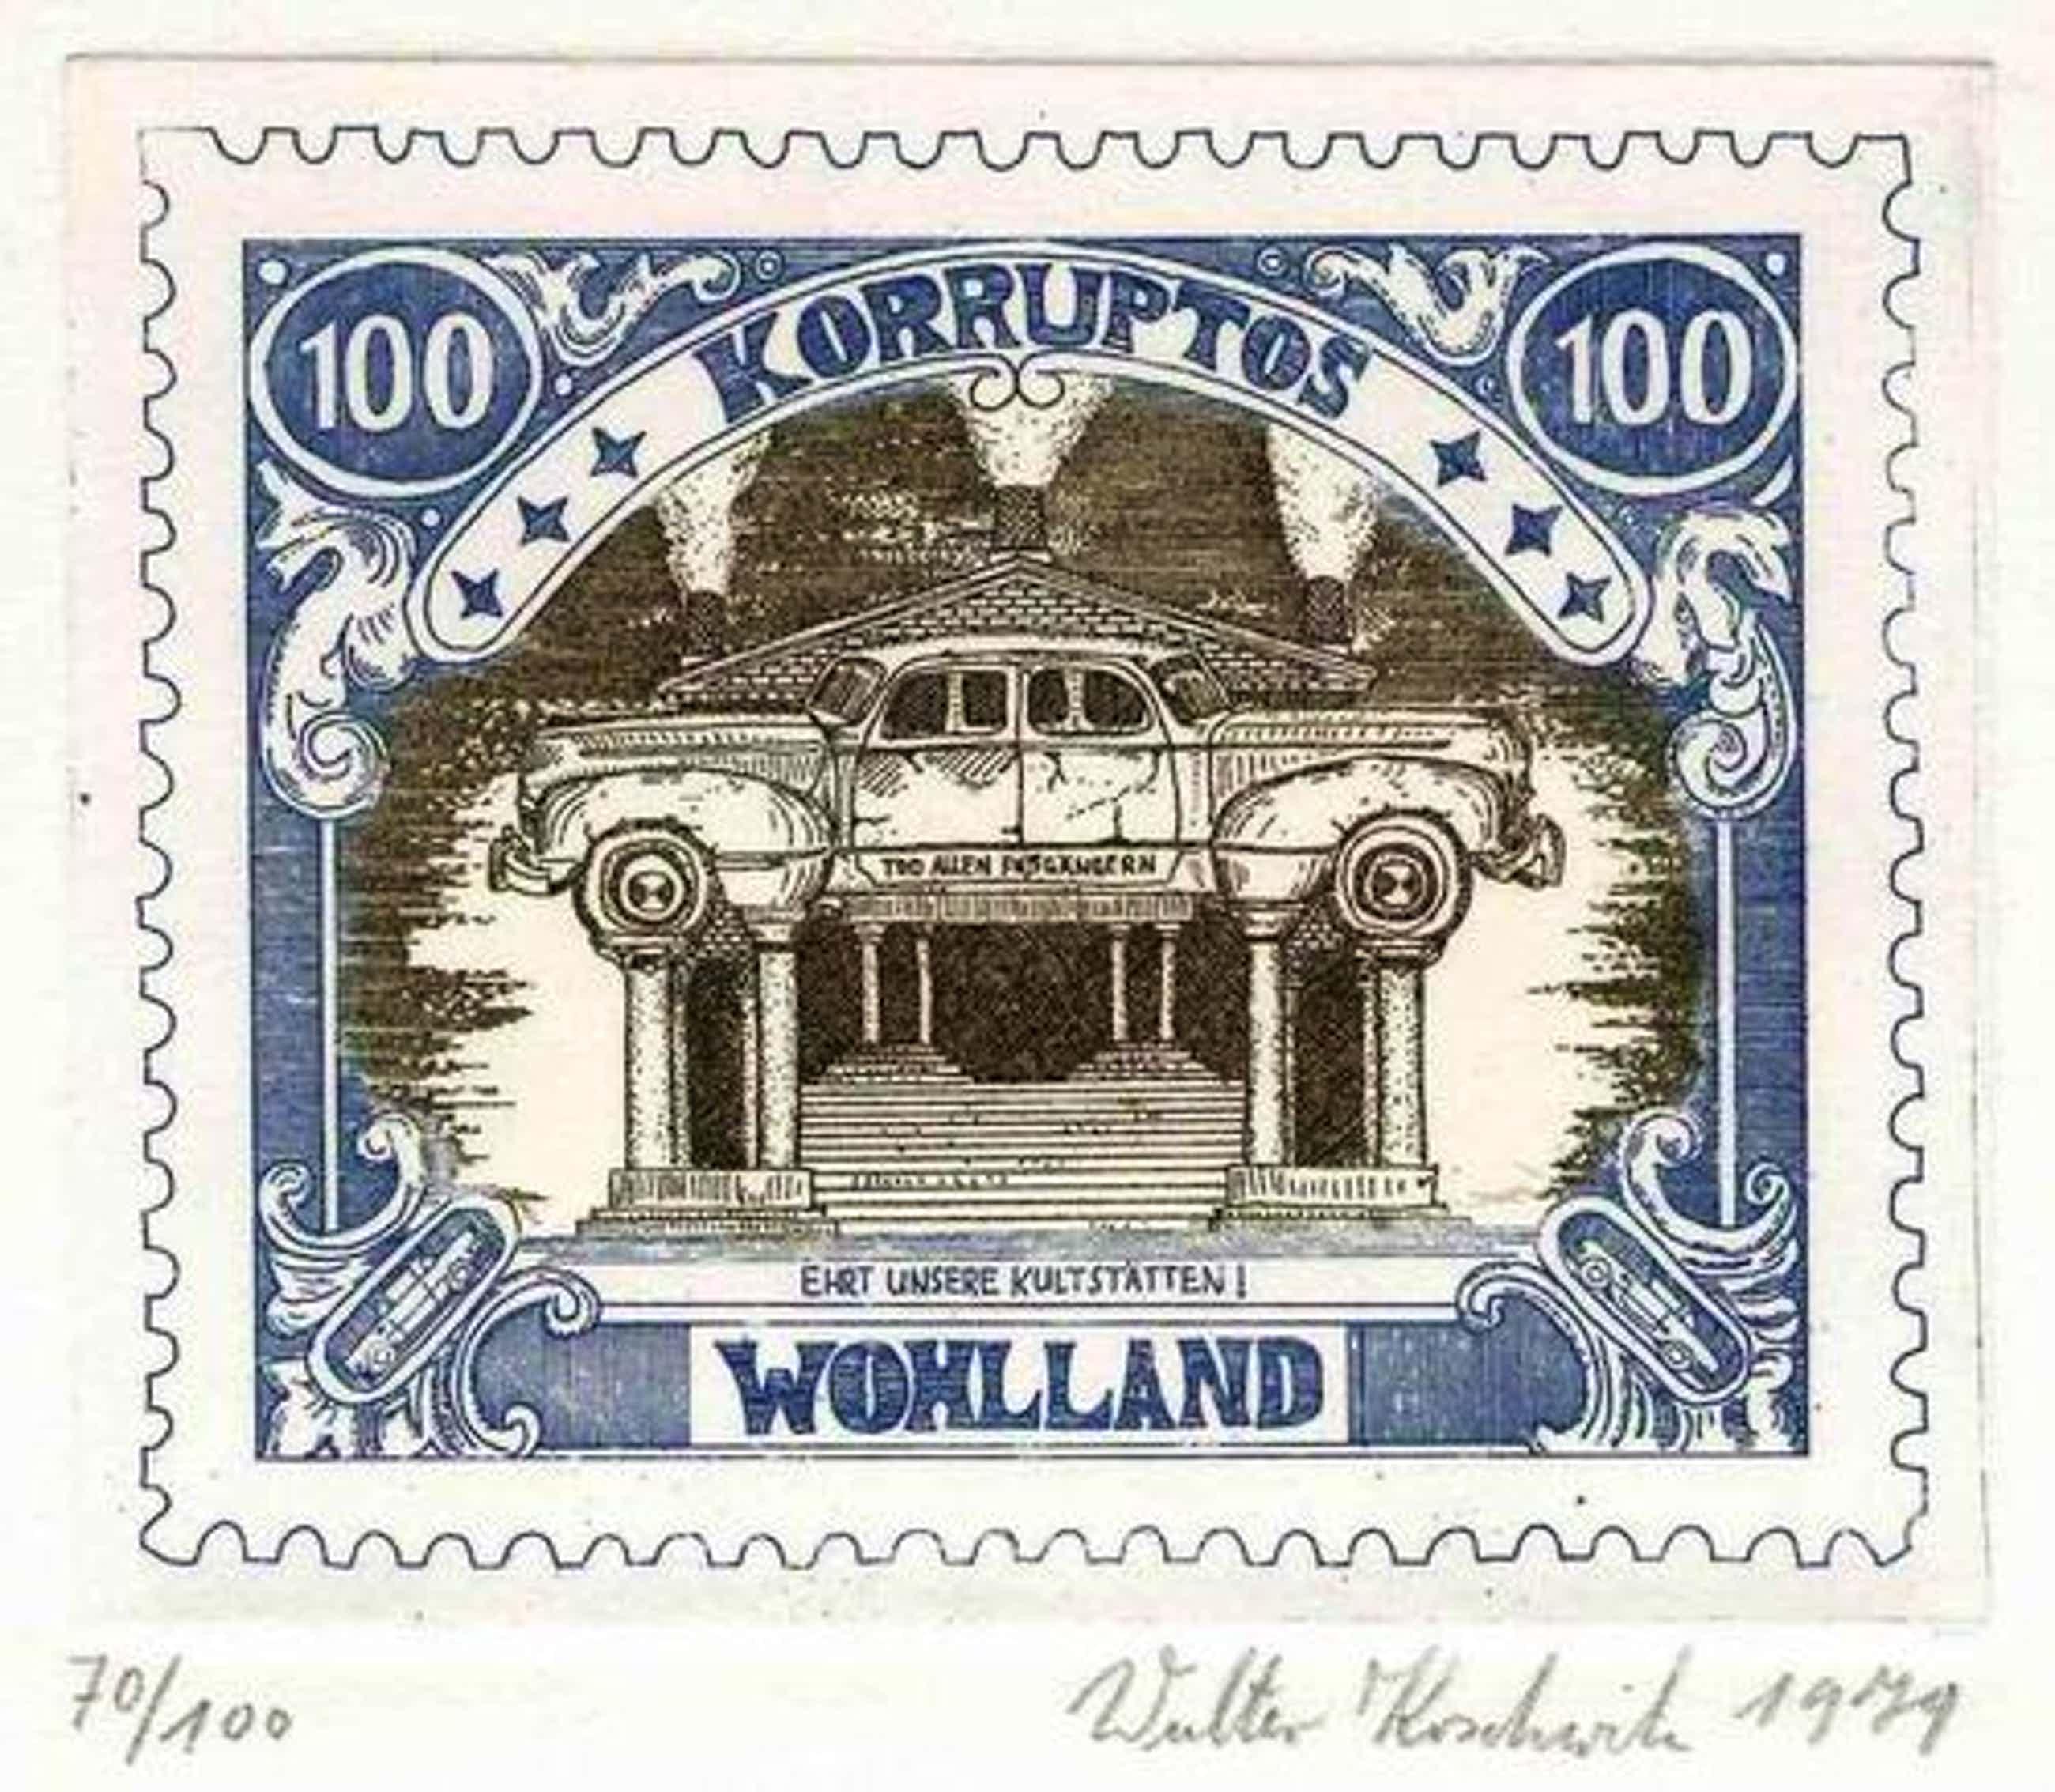 Walter Koschwitz - TOD ALLEN FUßGÄNGERN - Handsignierte Original Farbradierung aus der Reihe WOHLLAND 1978 kopen? Bied vanaf 32!